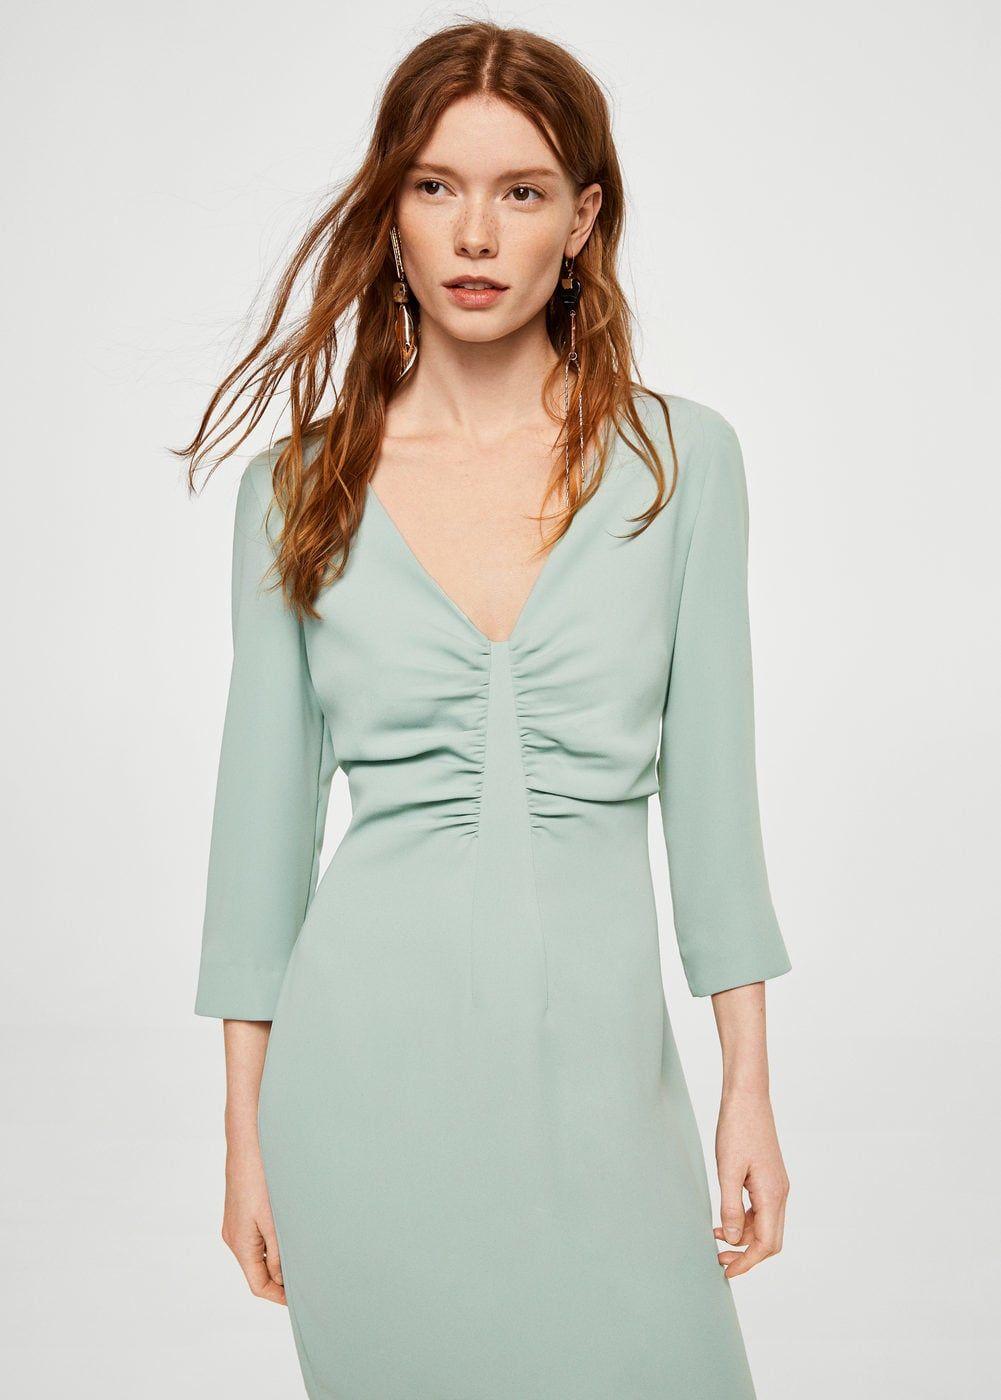 Vestido detalle fruncido - Vestidos de Mujer  9dd8d05cab78